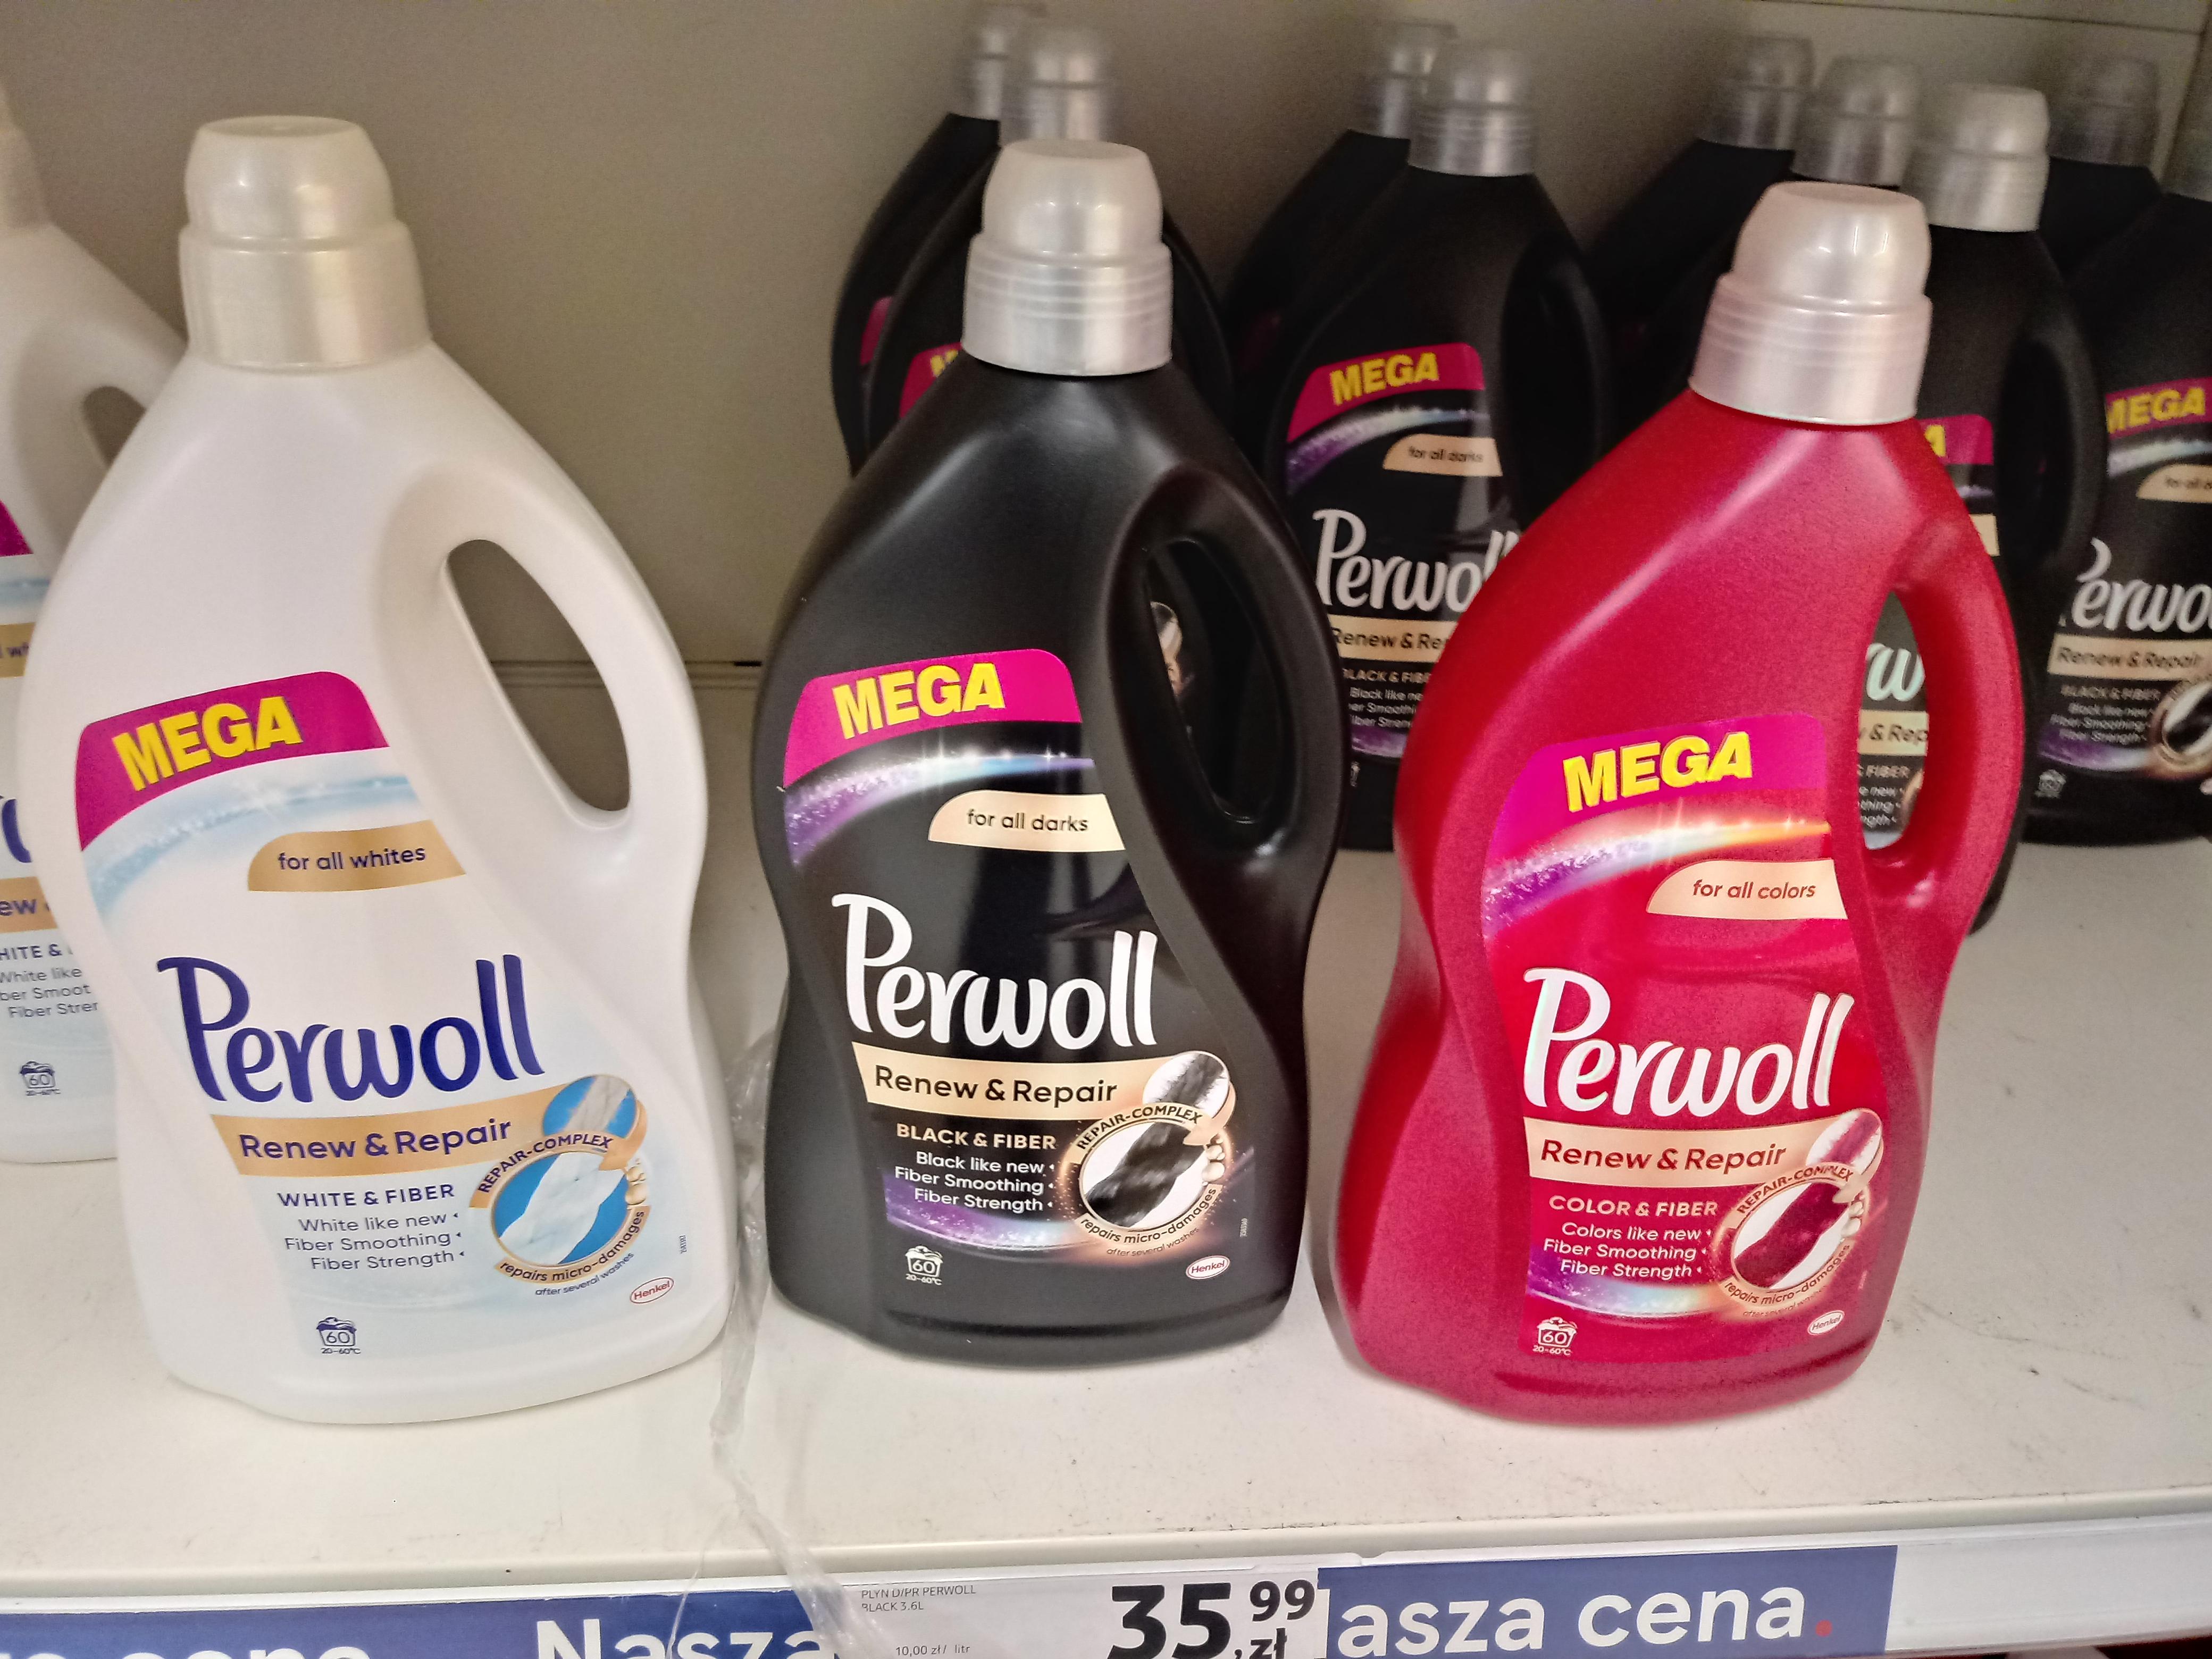 Perwoll 3.6 L Tesco